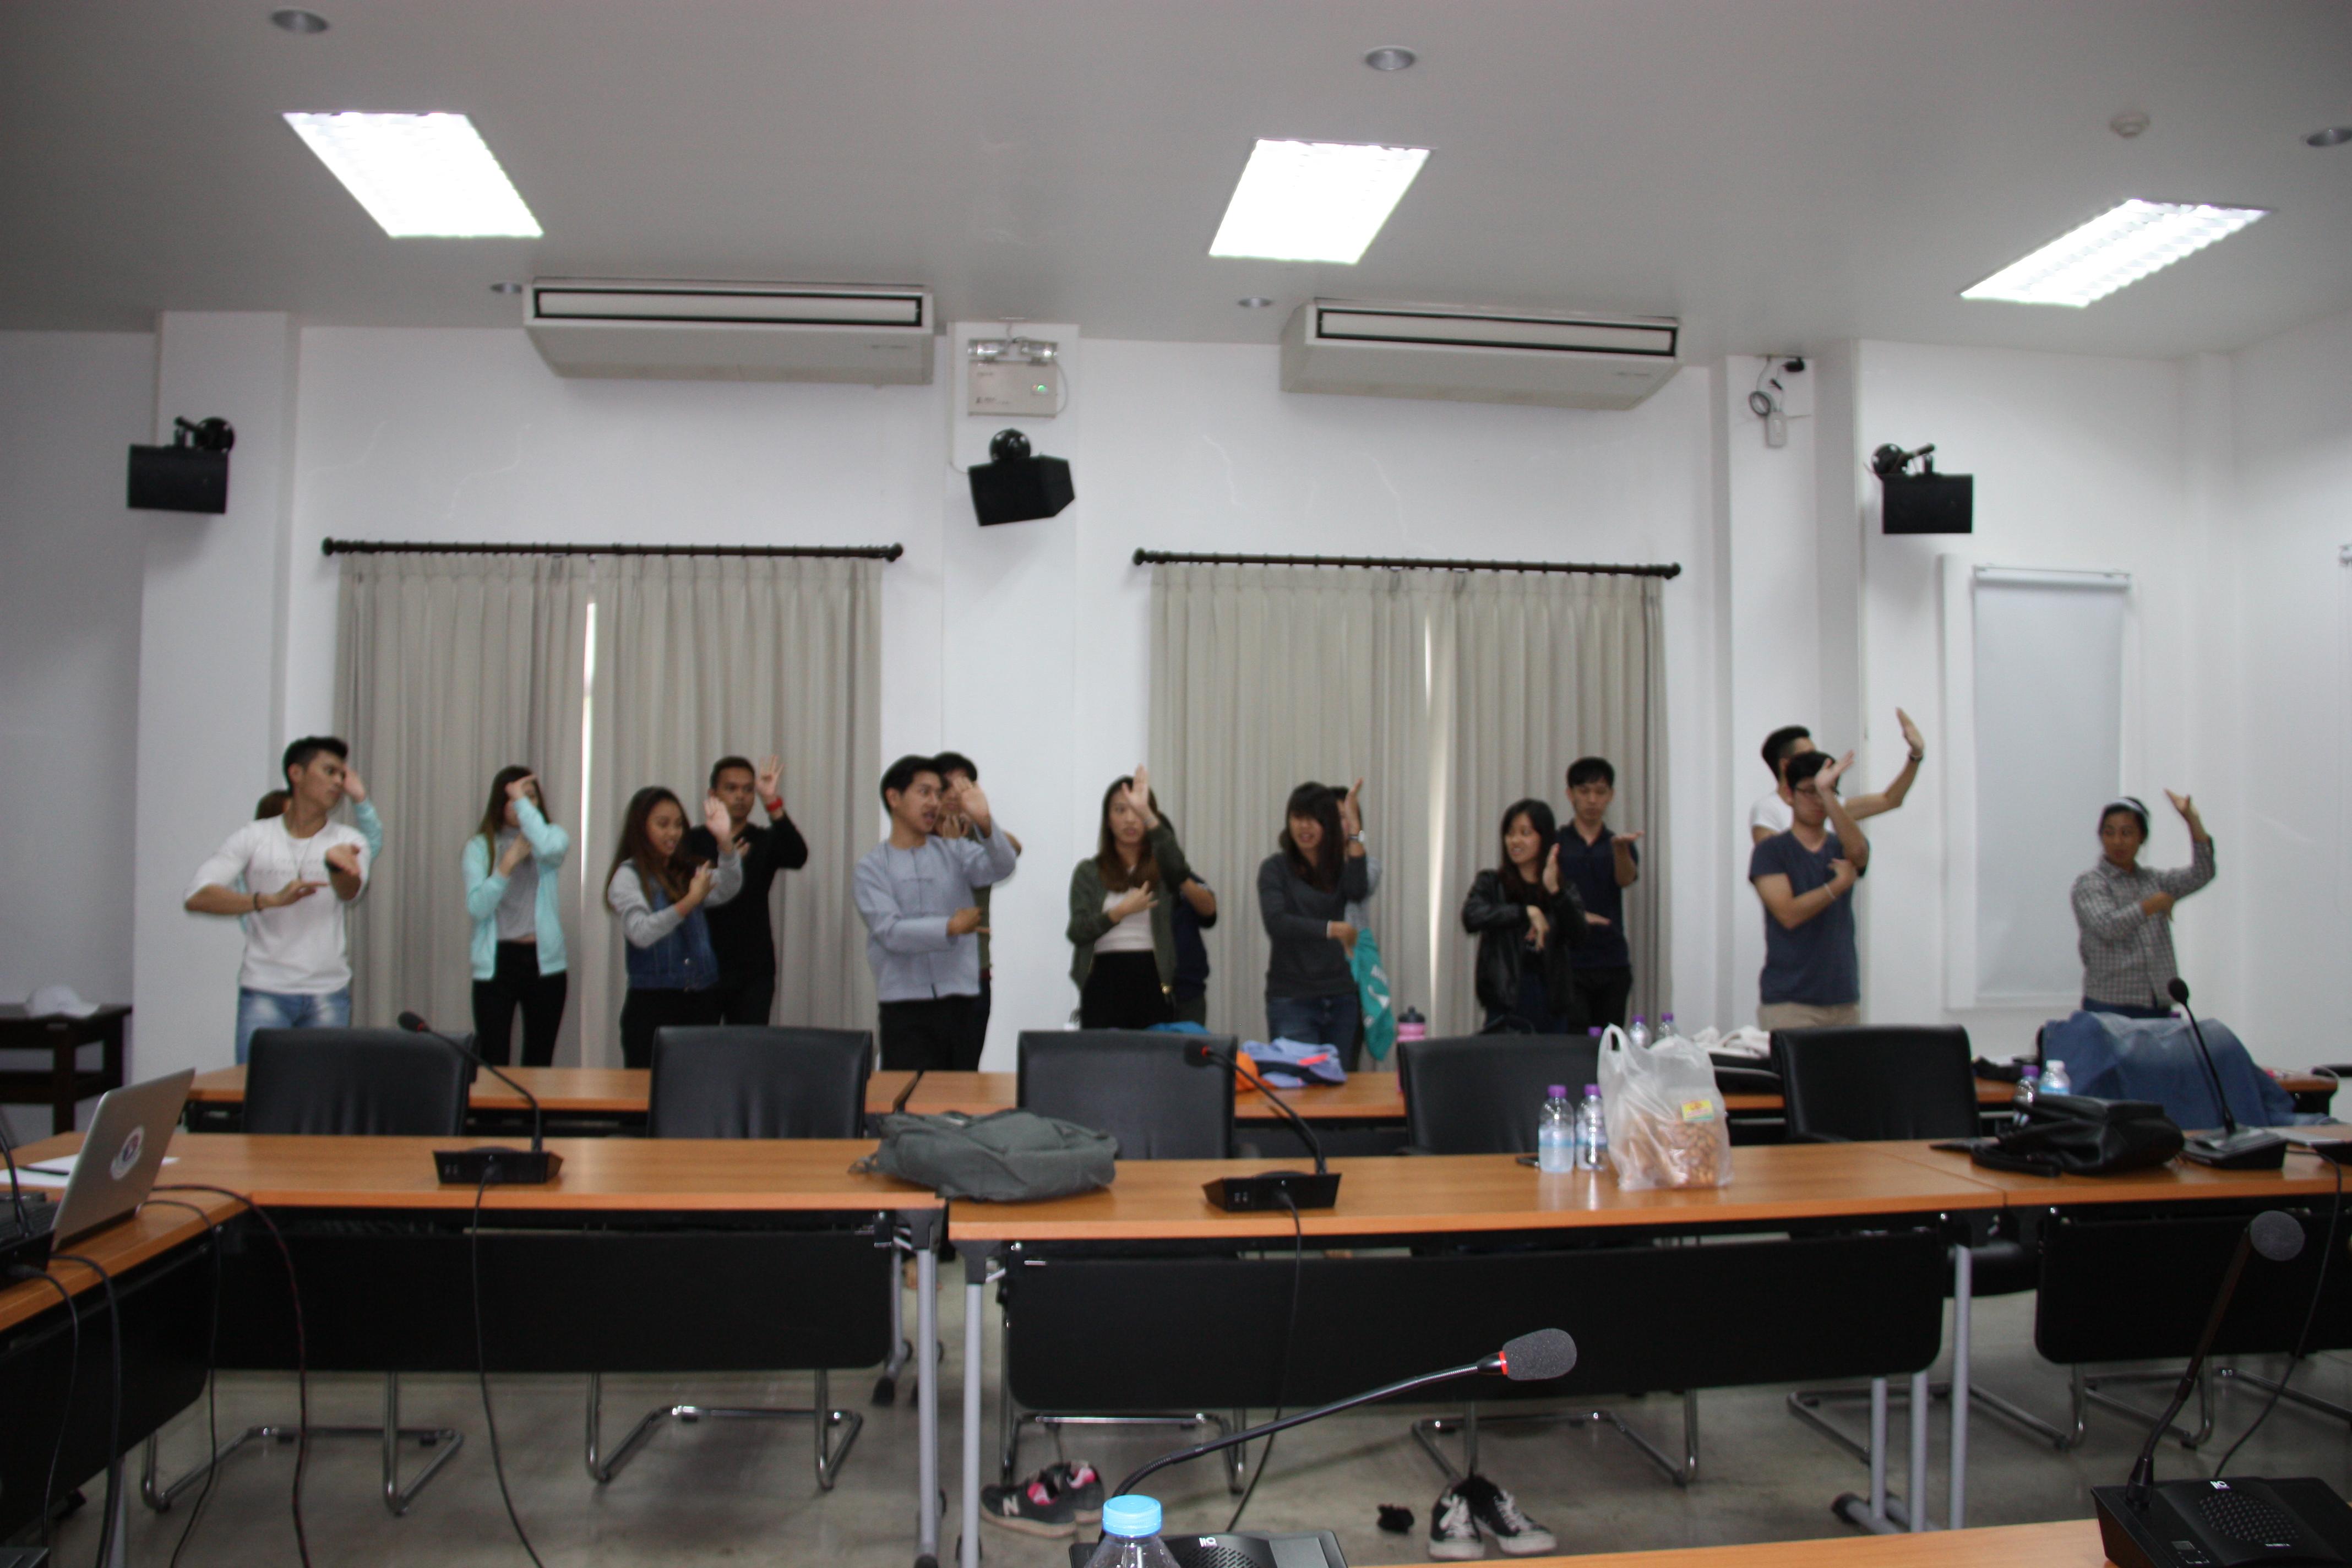 รักษาการแทนผู้อำนวยการสำนักส่งเสริมศิลปวัฒนธรรม ให้เกียรติเป็นวิทยากรบรรยายแก่นักศึกษา Nanyang Technological University ประเทศสิงคโปร์